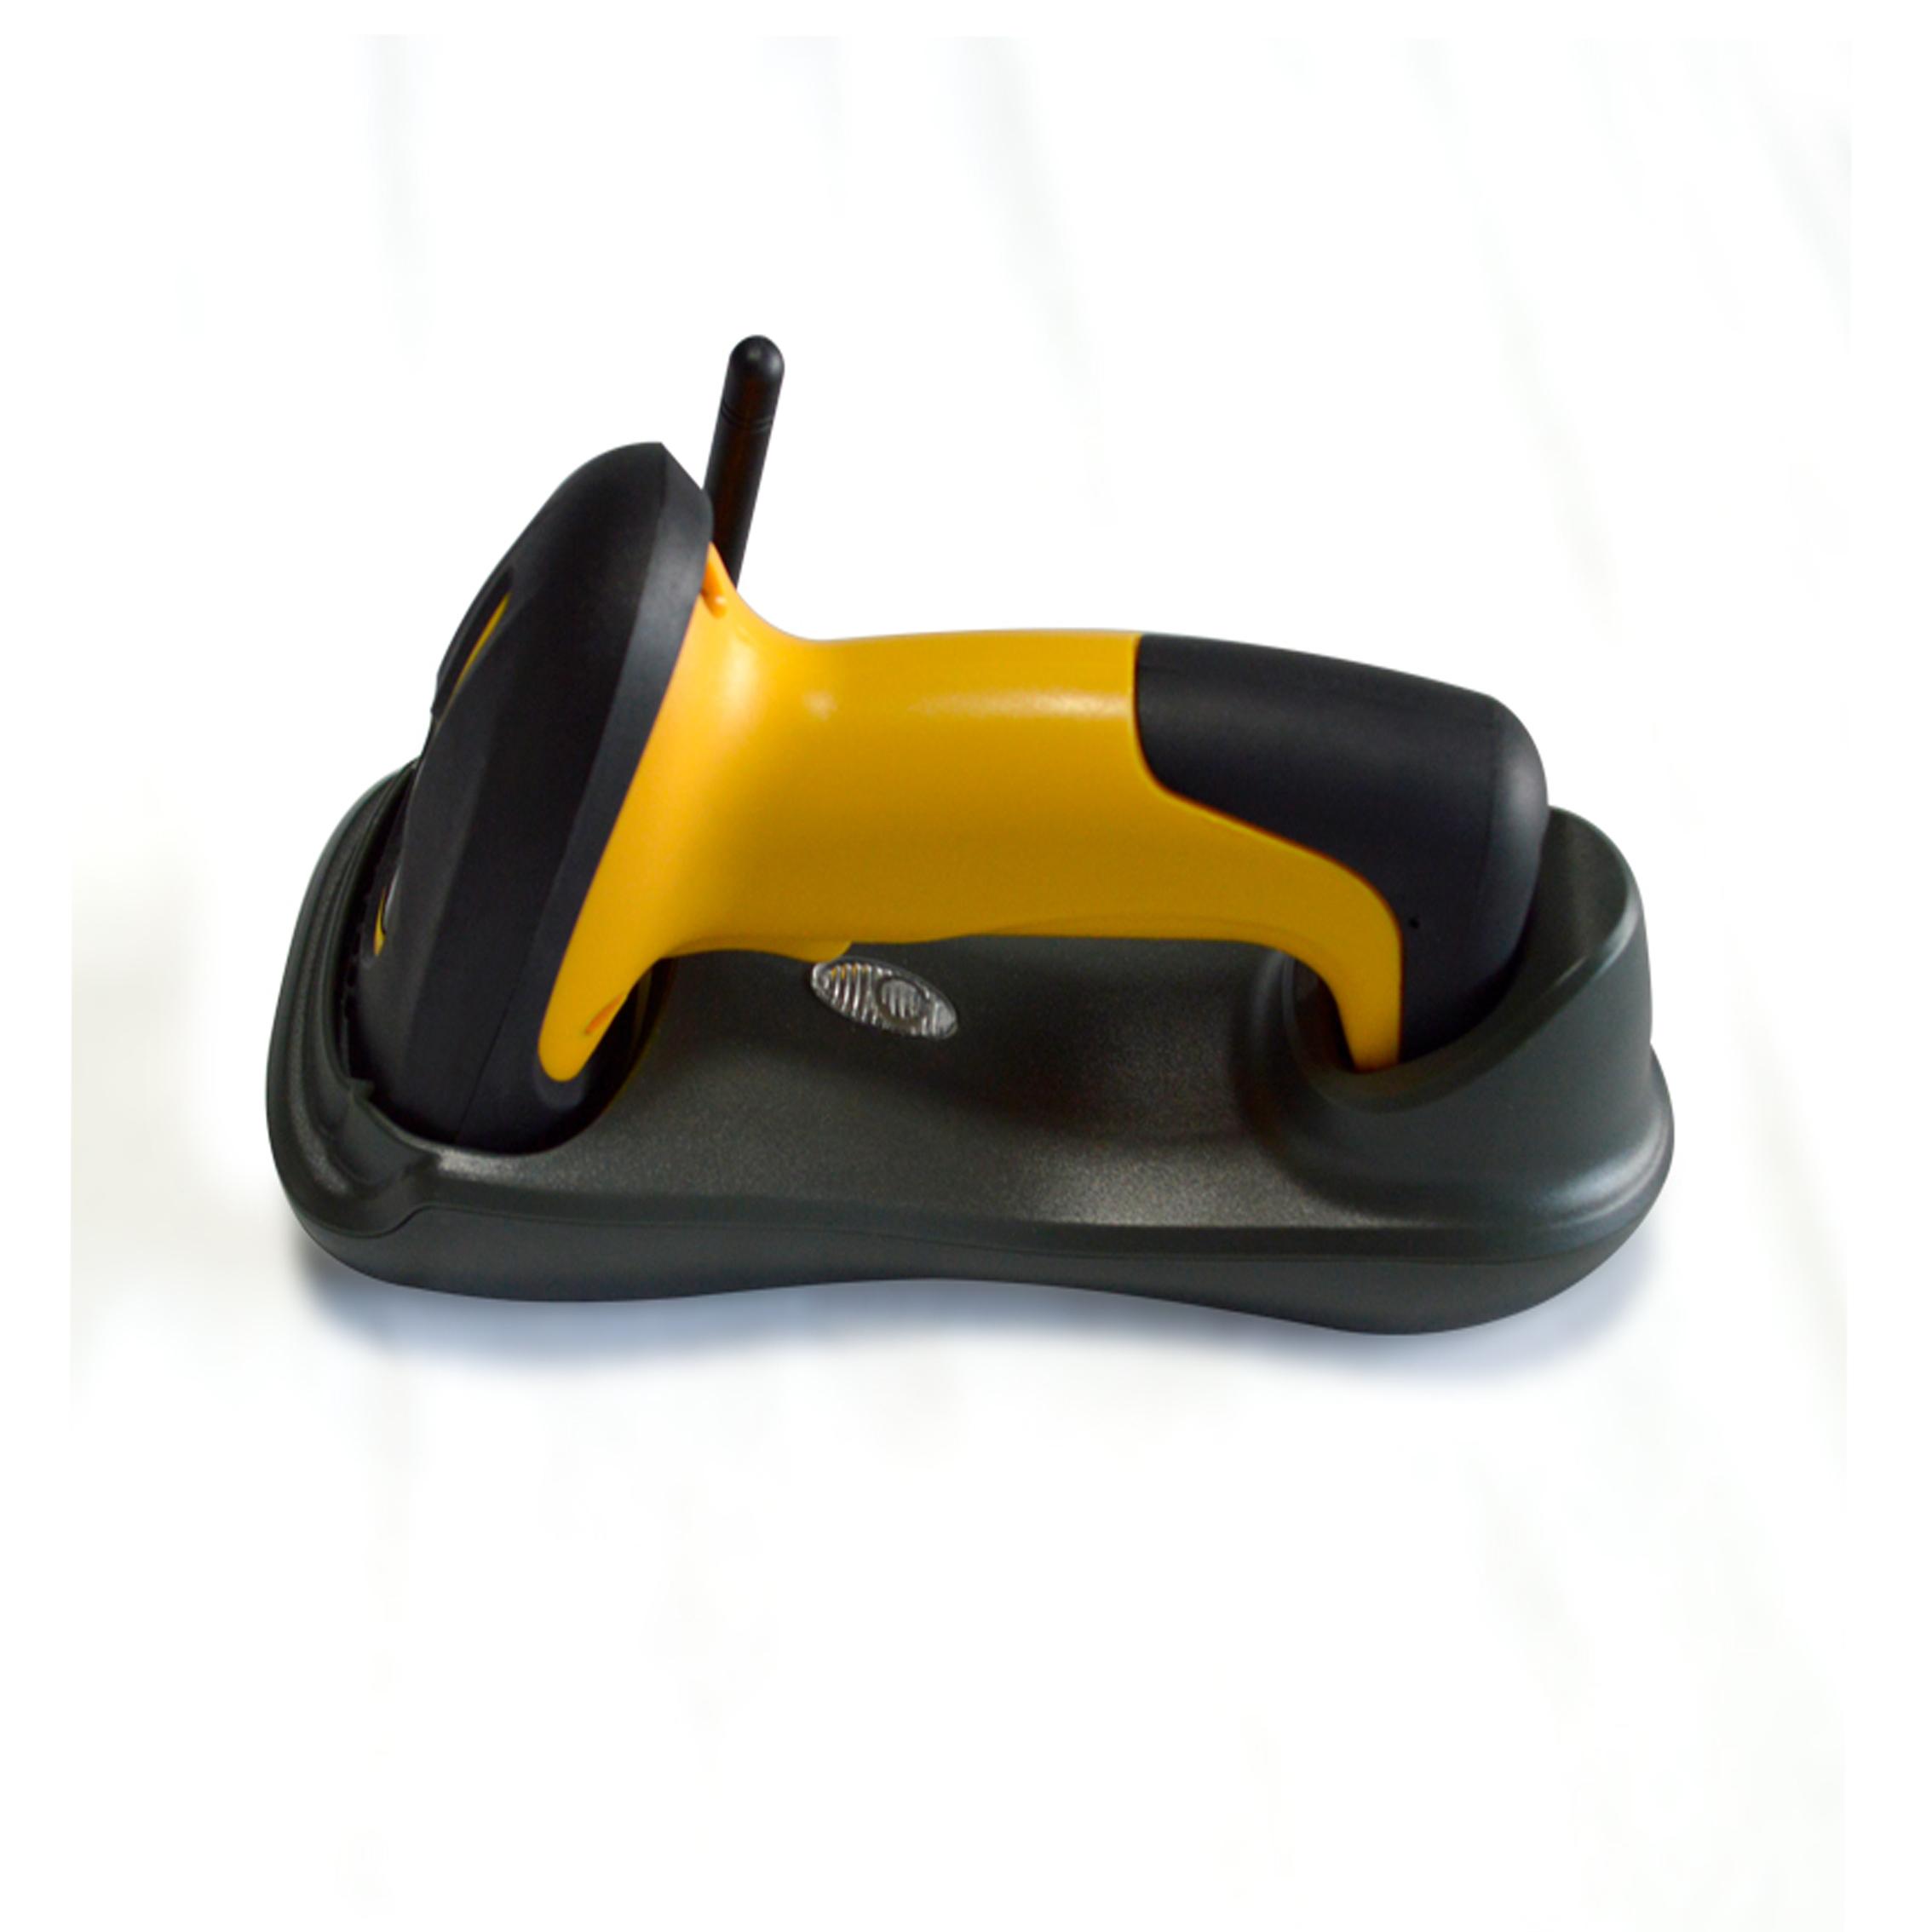 立卓LZ4208一维激光无线蓝牙扫描器